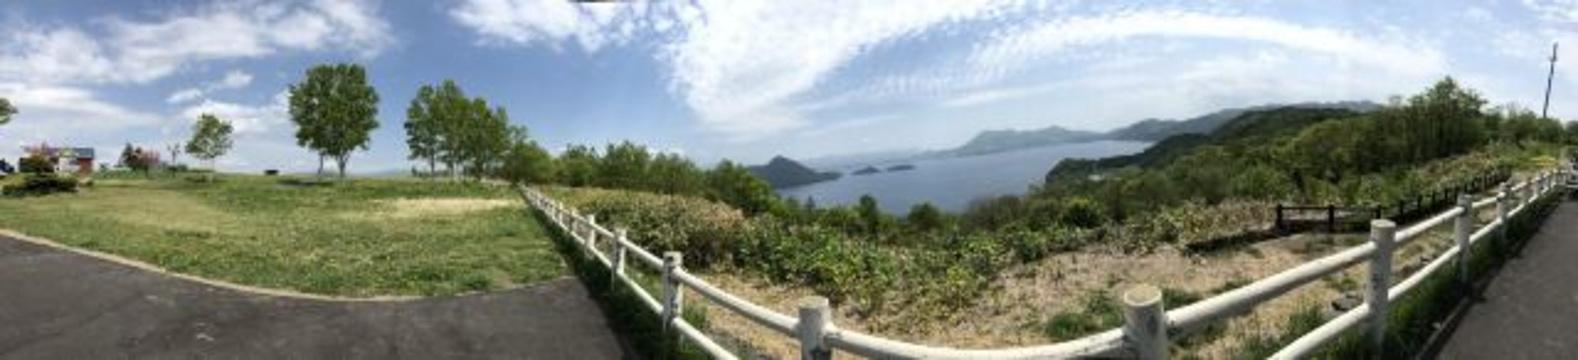 洞爷湖温泉旅游景点图片